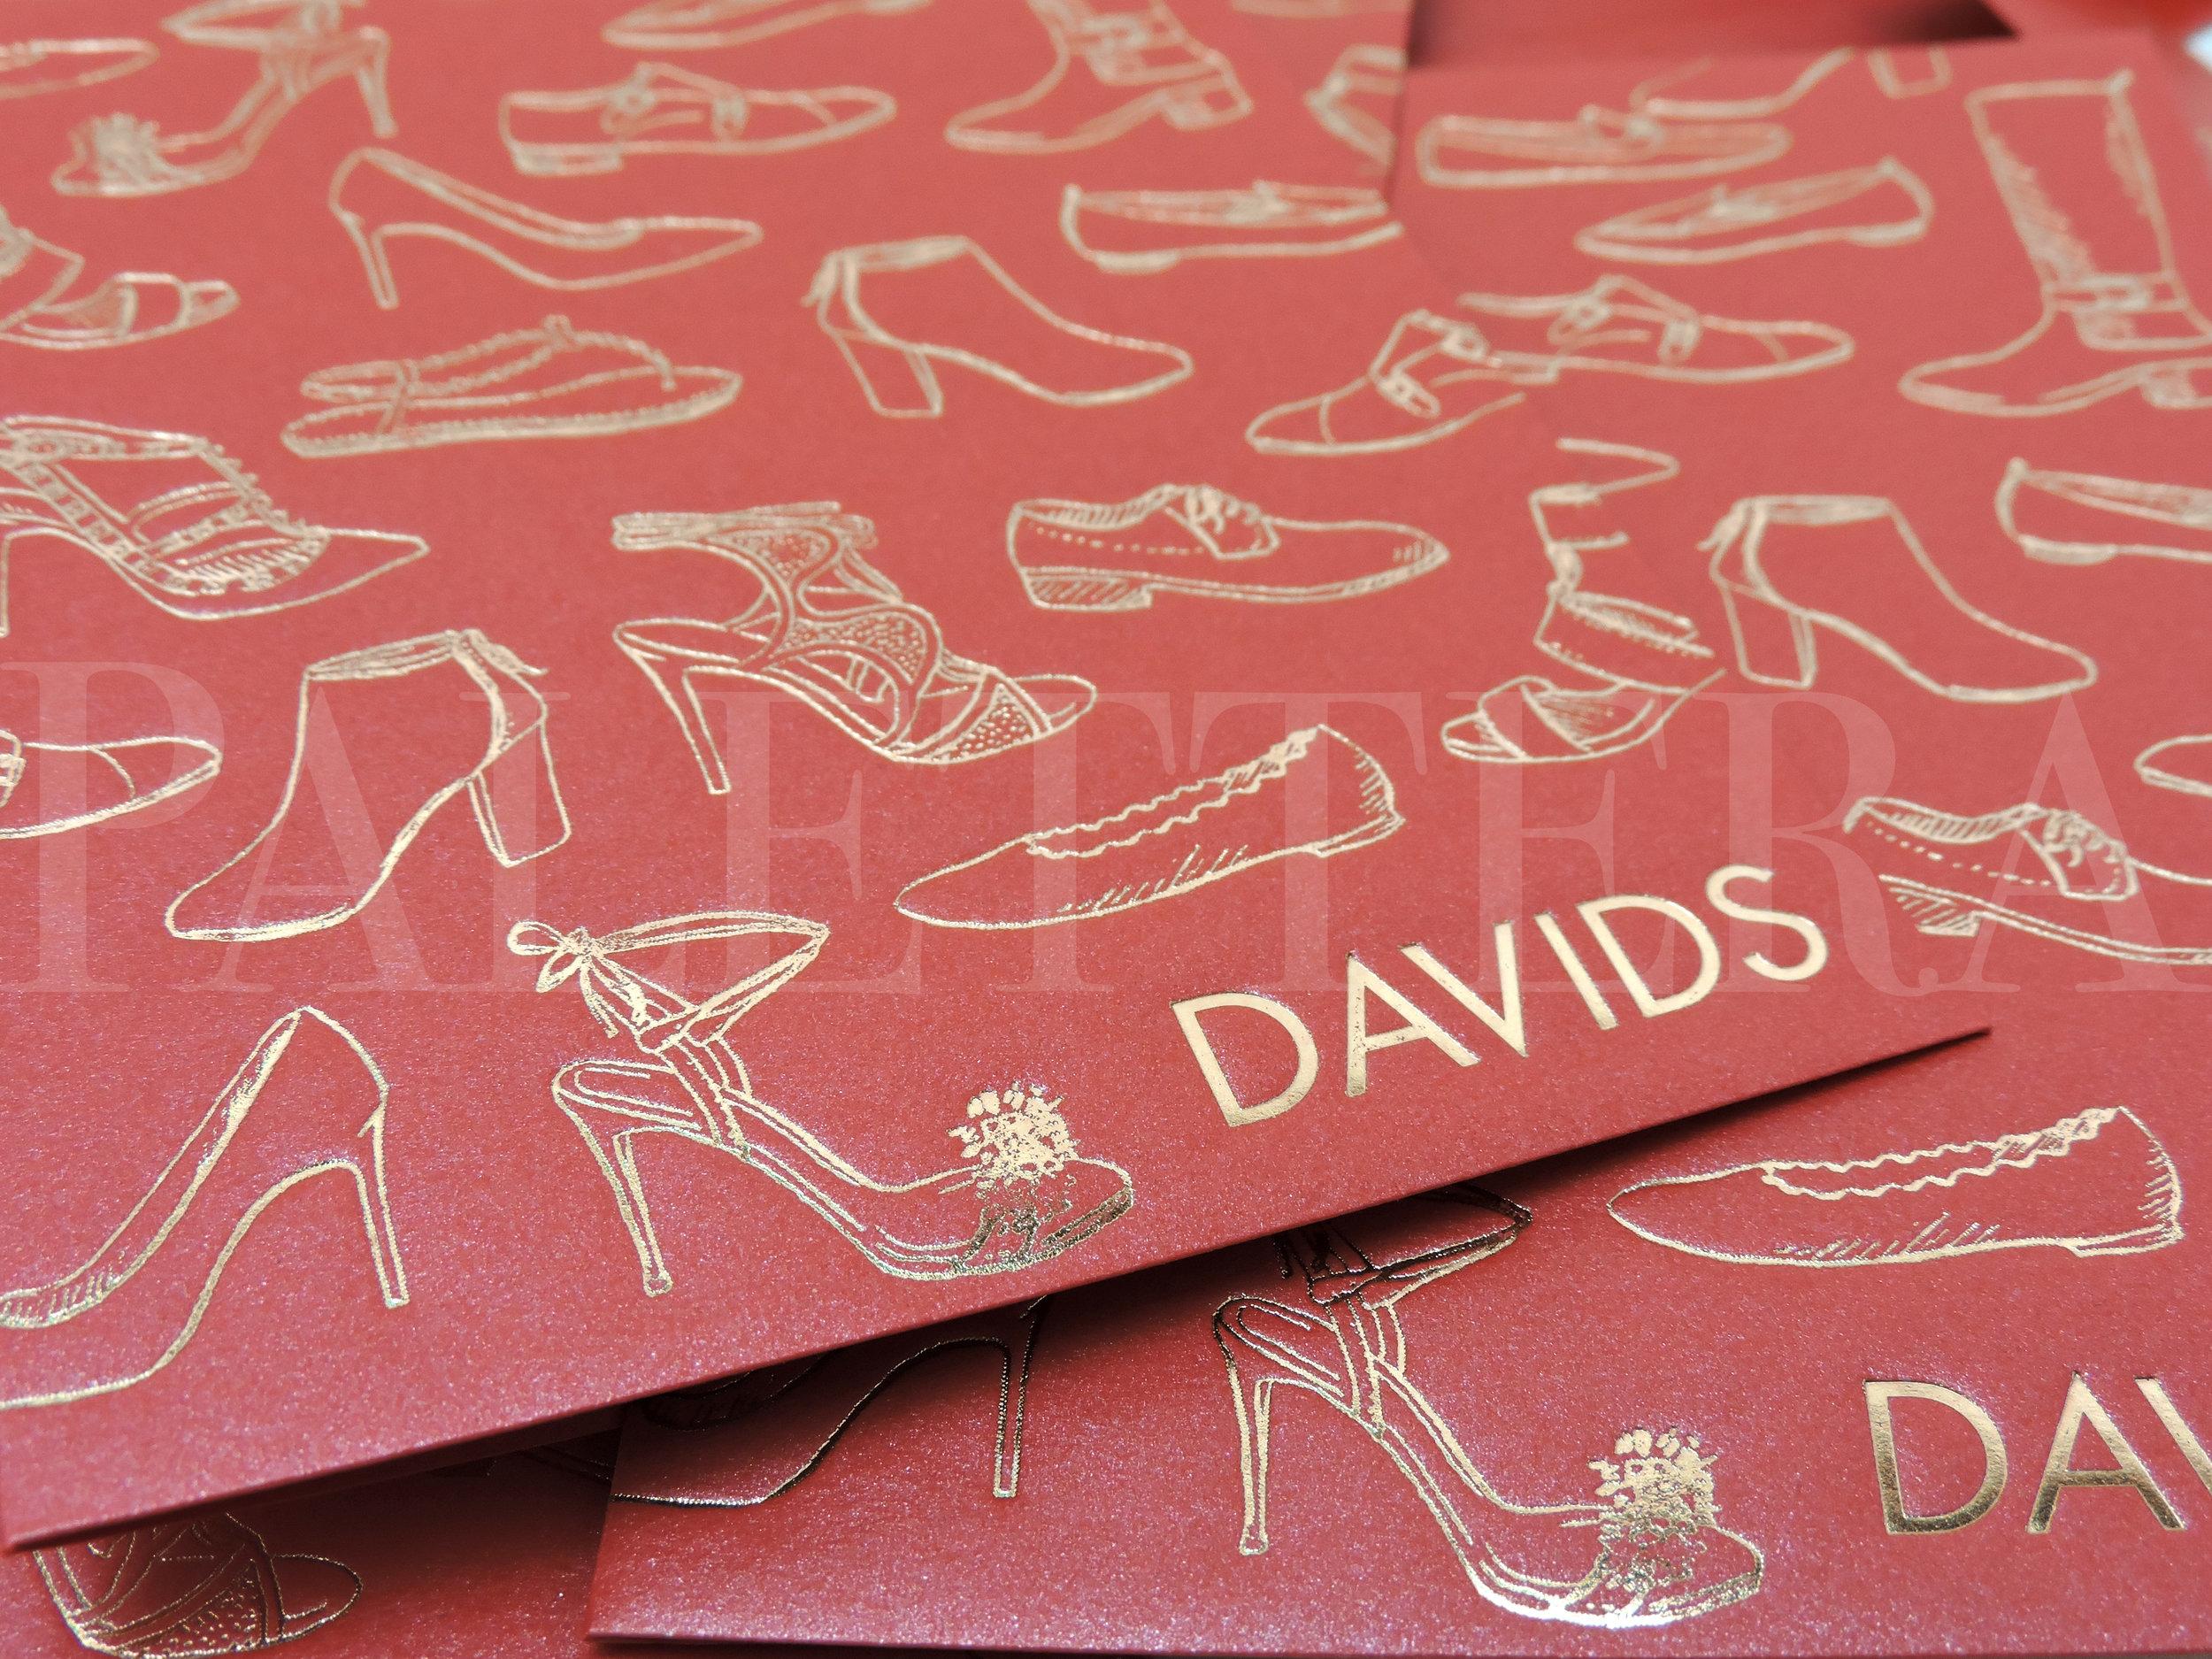 davids 1_v1_watermarked.jpg